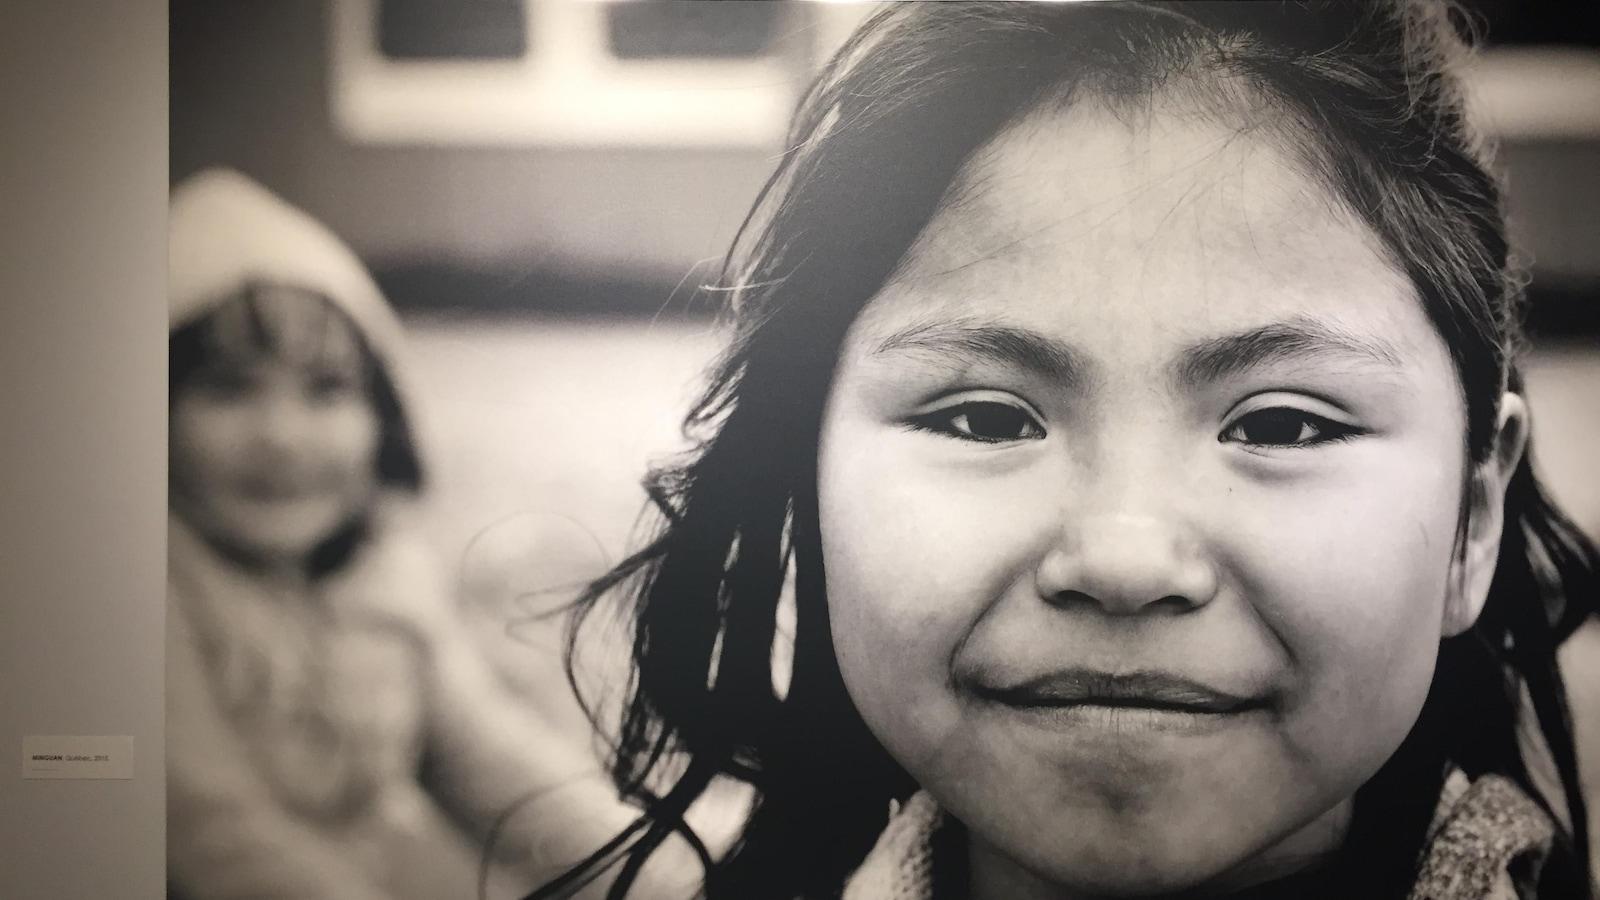 Une jeune autochtone sourit au photographe.